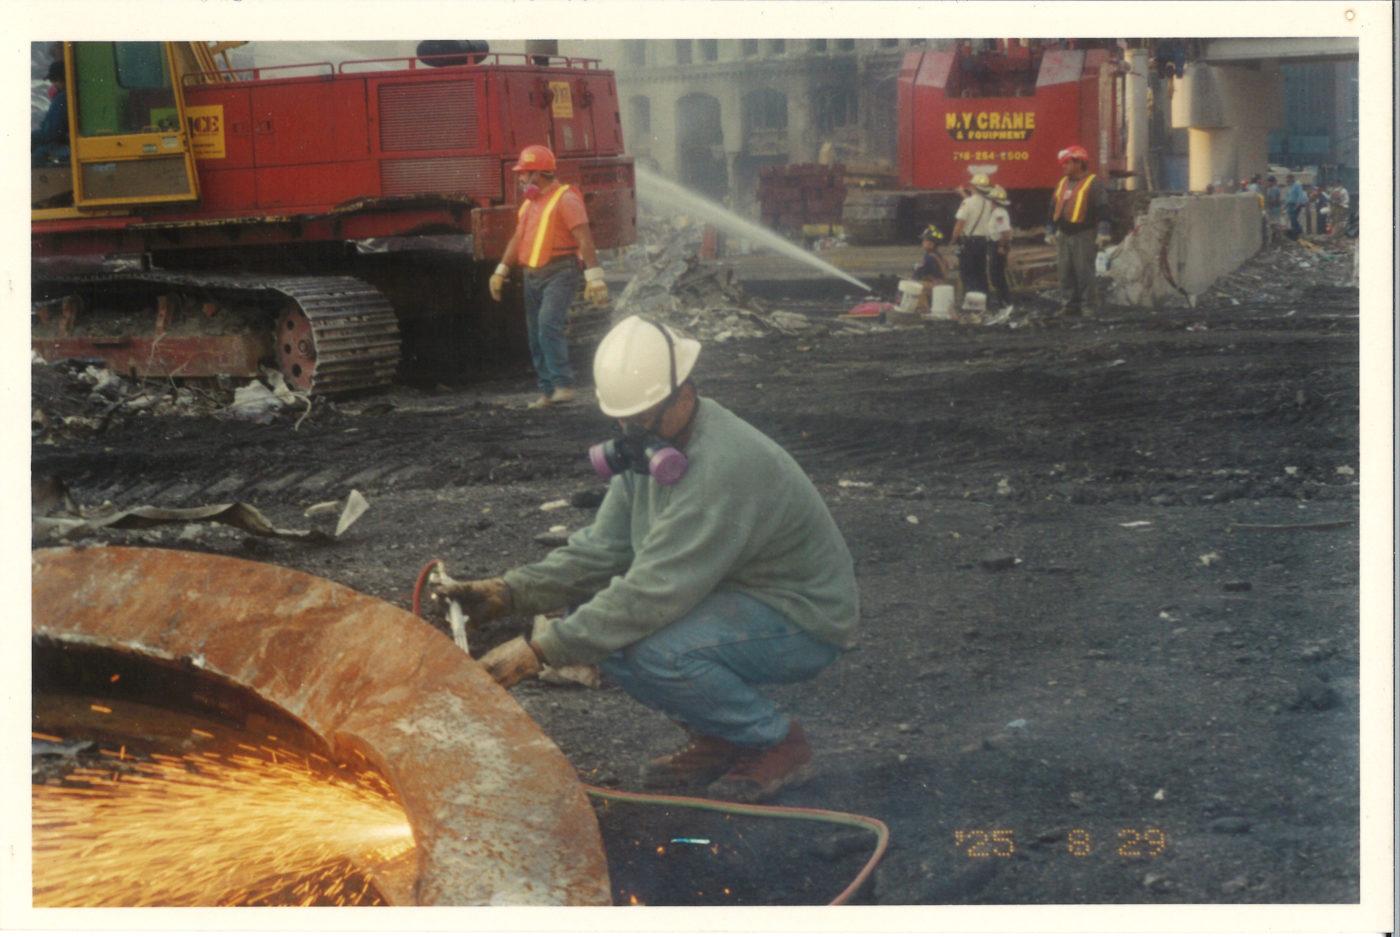 Iron Worker Cutting Through Steel Beam